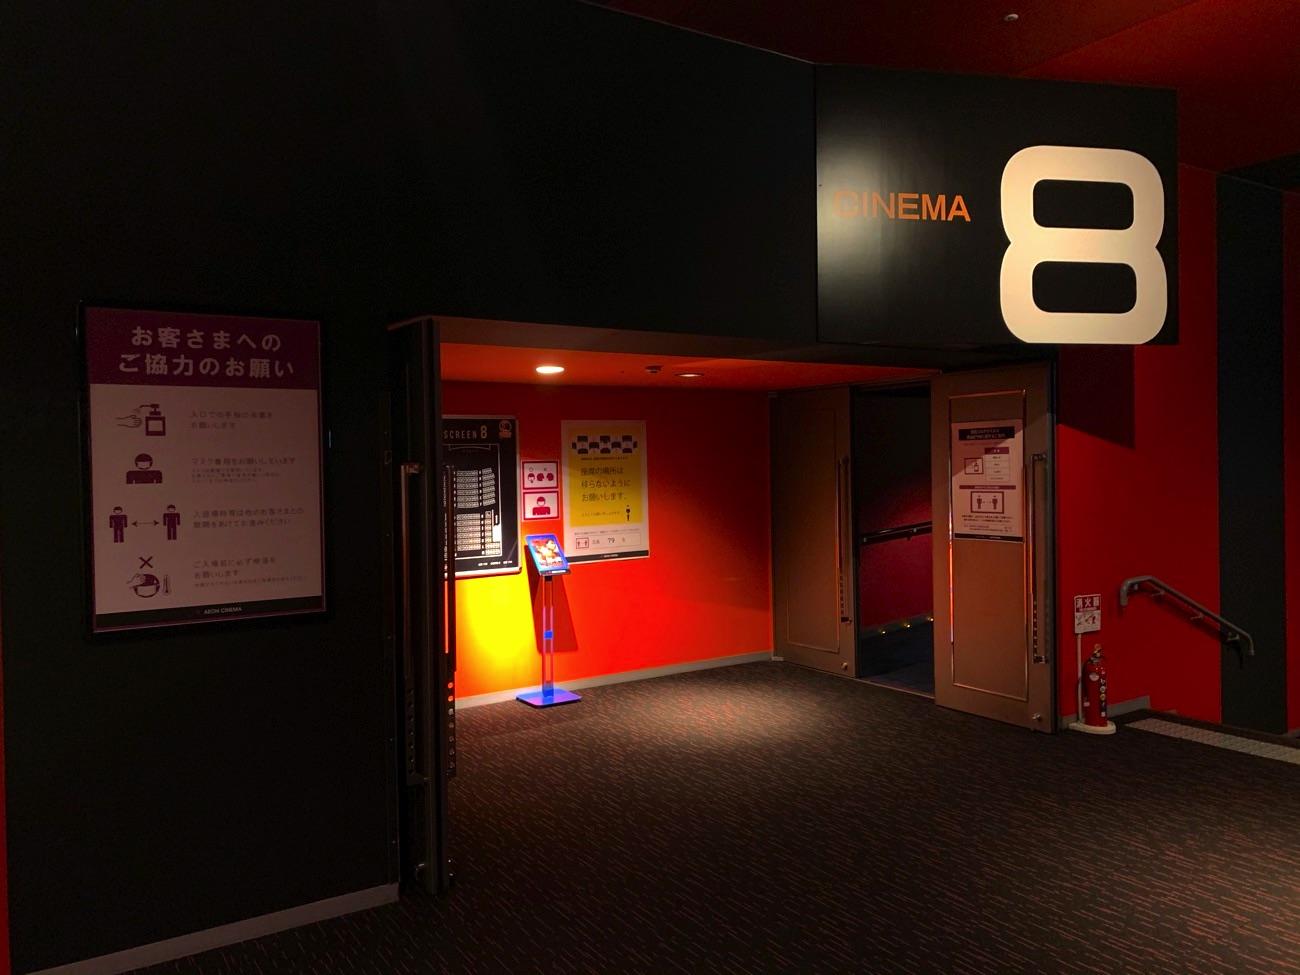 映画館へ!